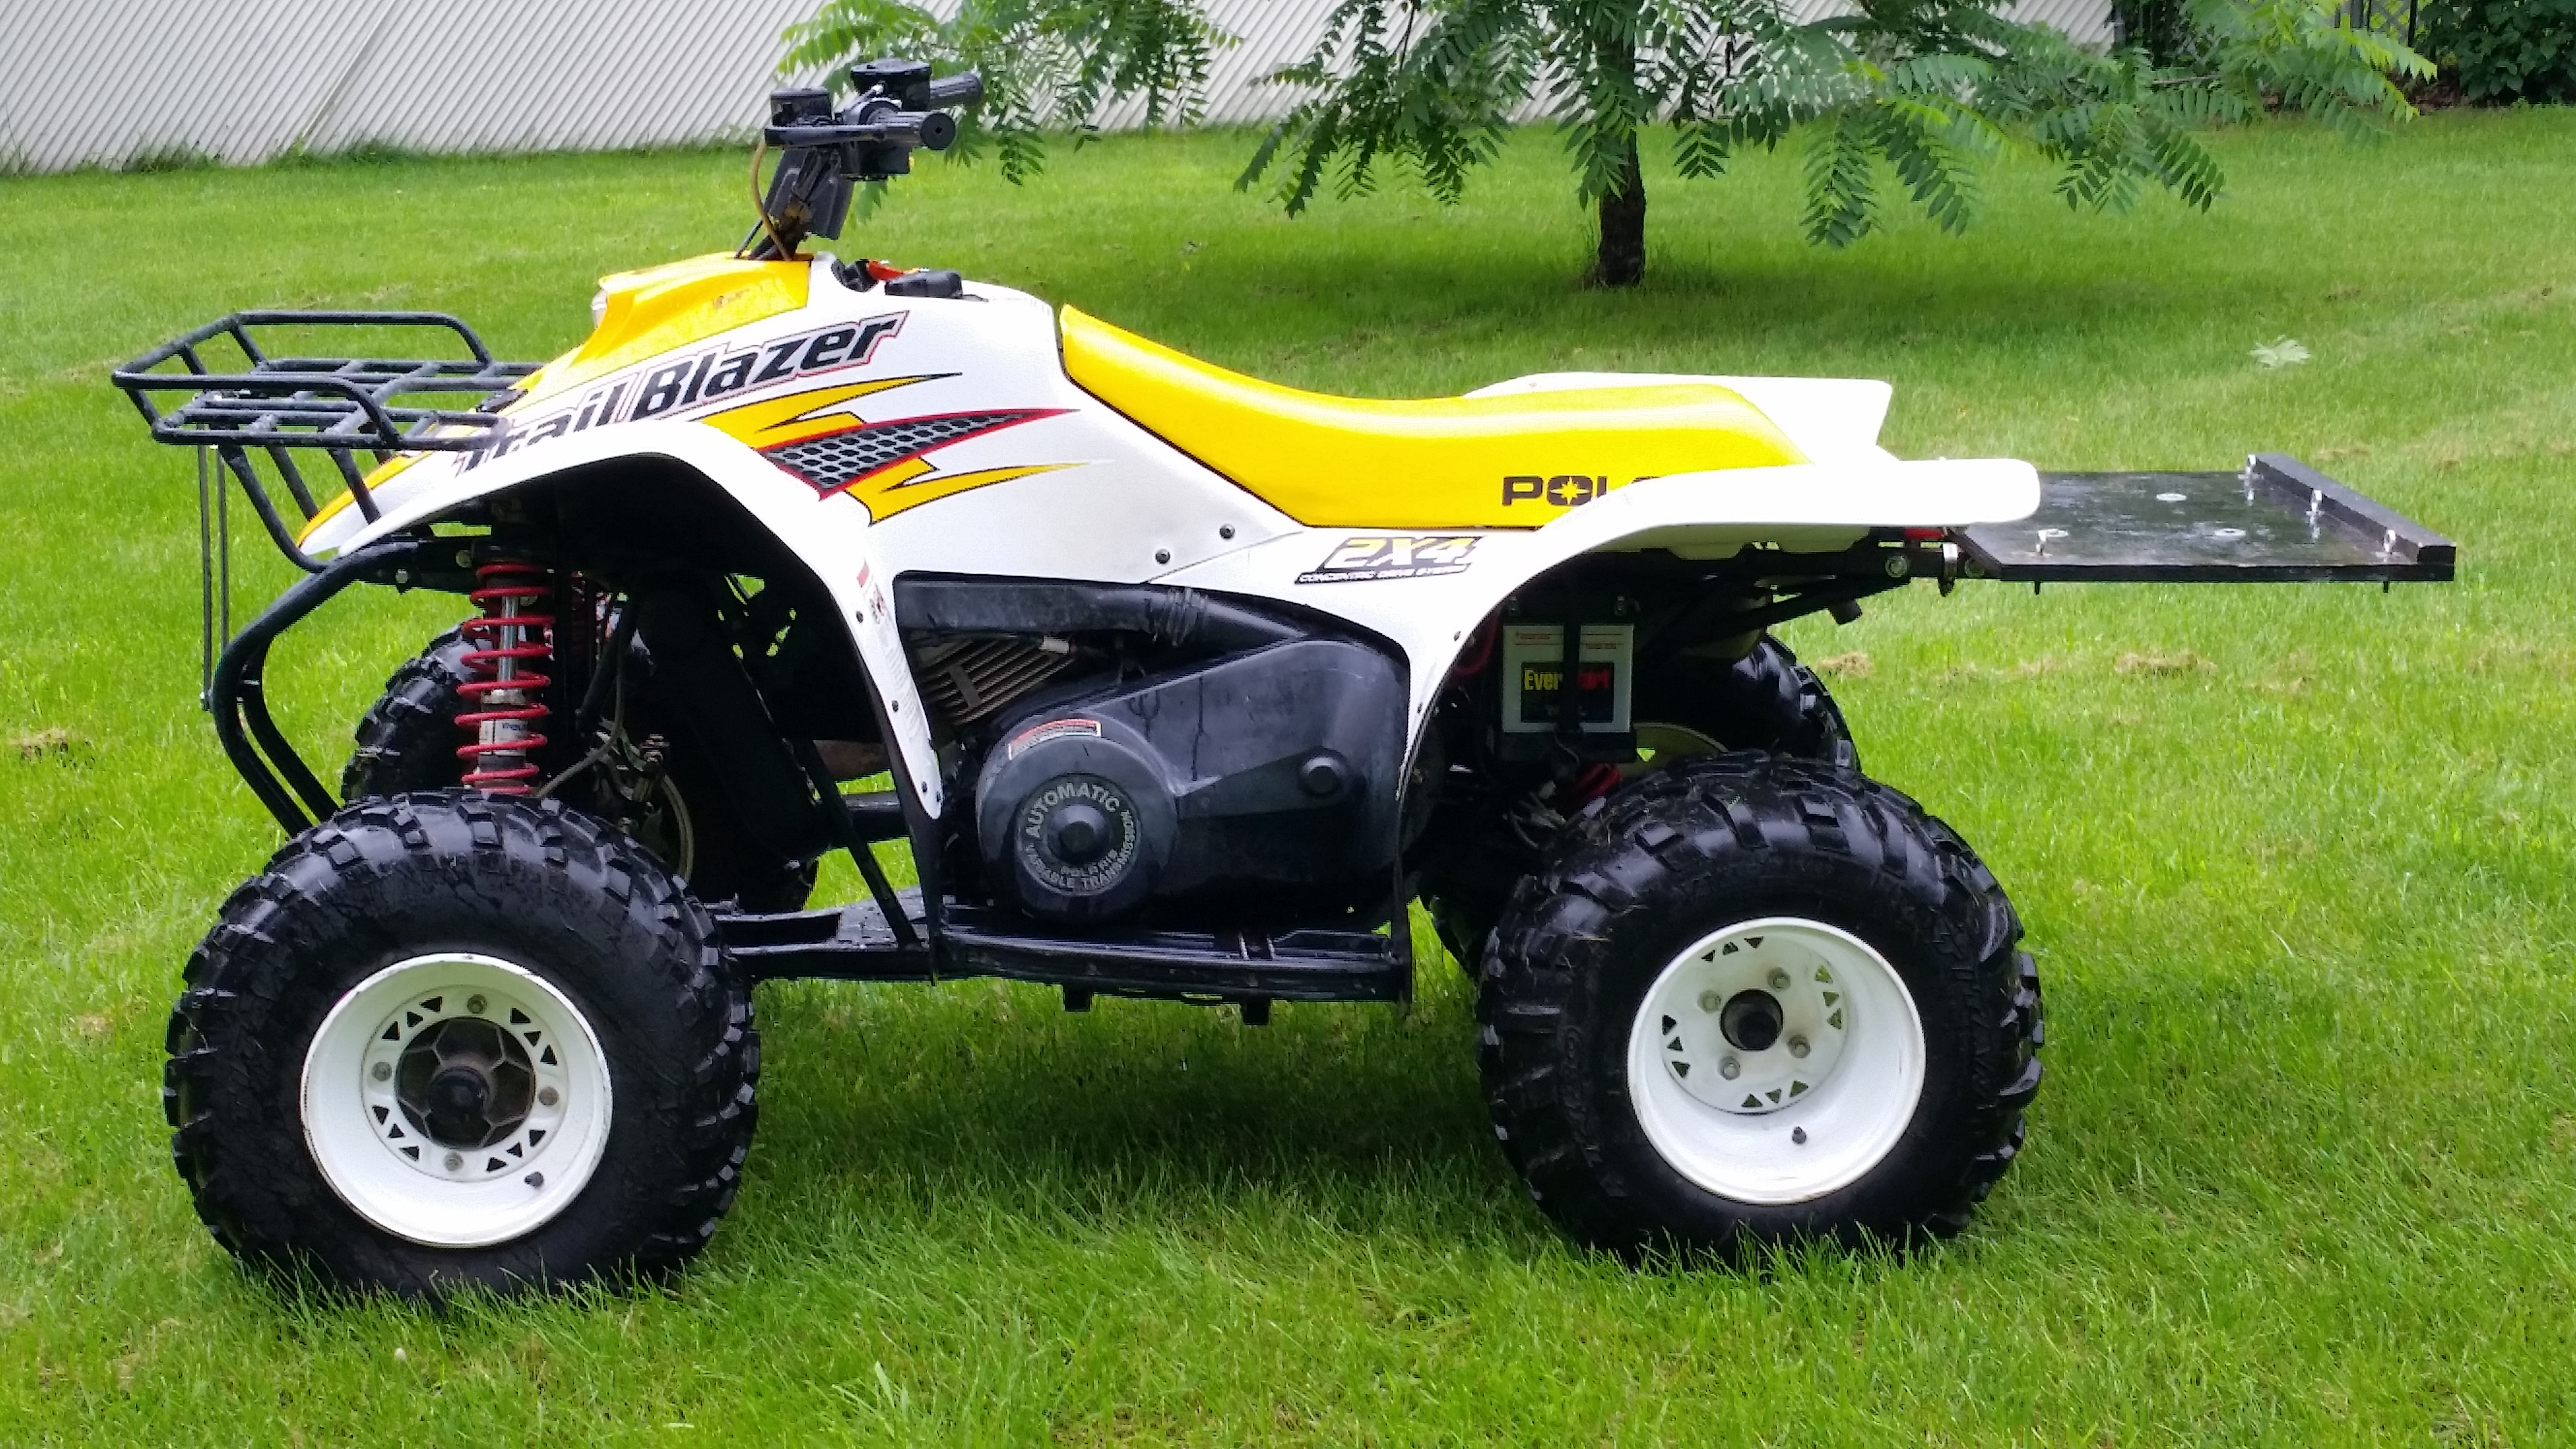 2001 Trailblazer 250 $1500 - Polaris ATV Forum